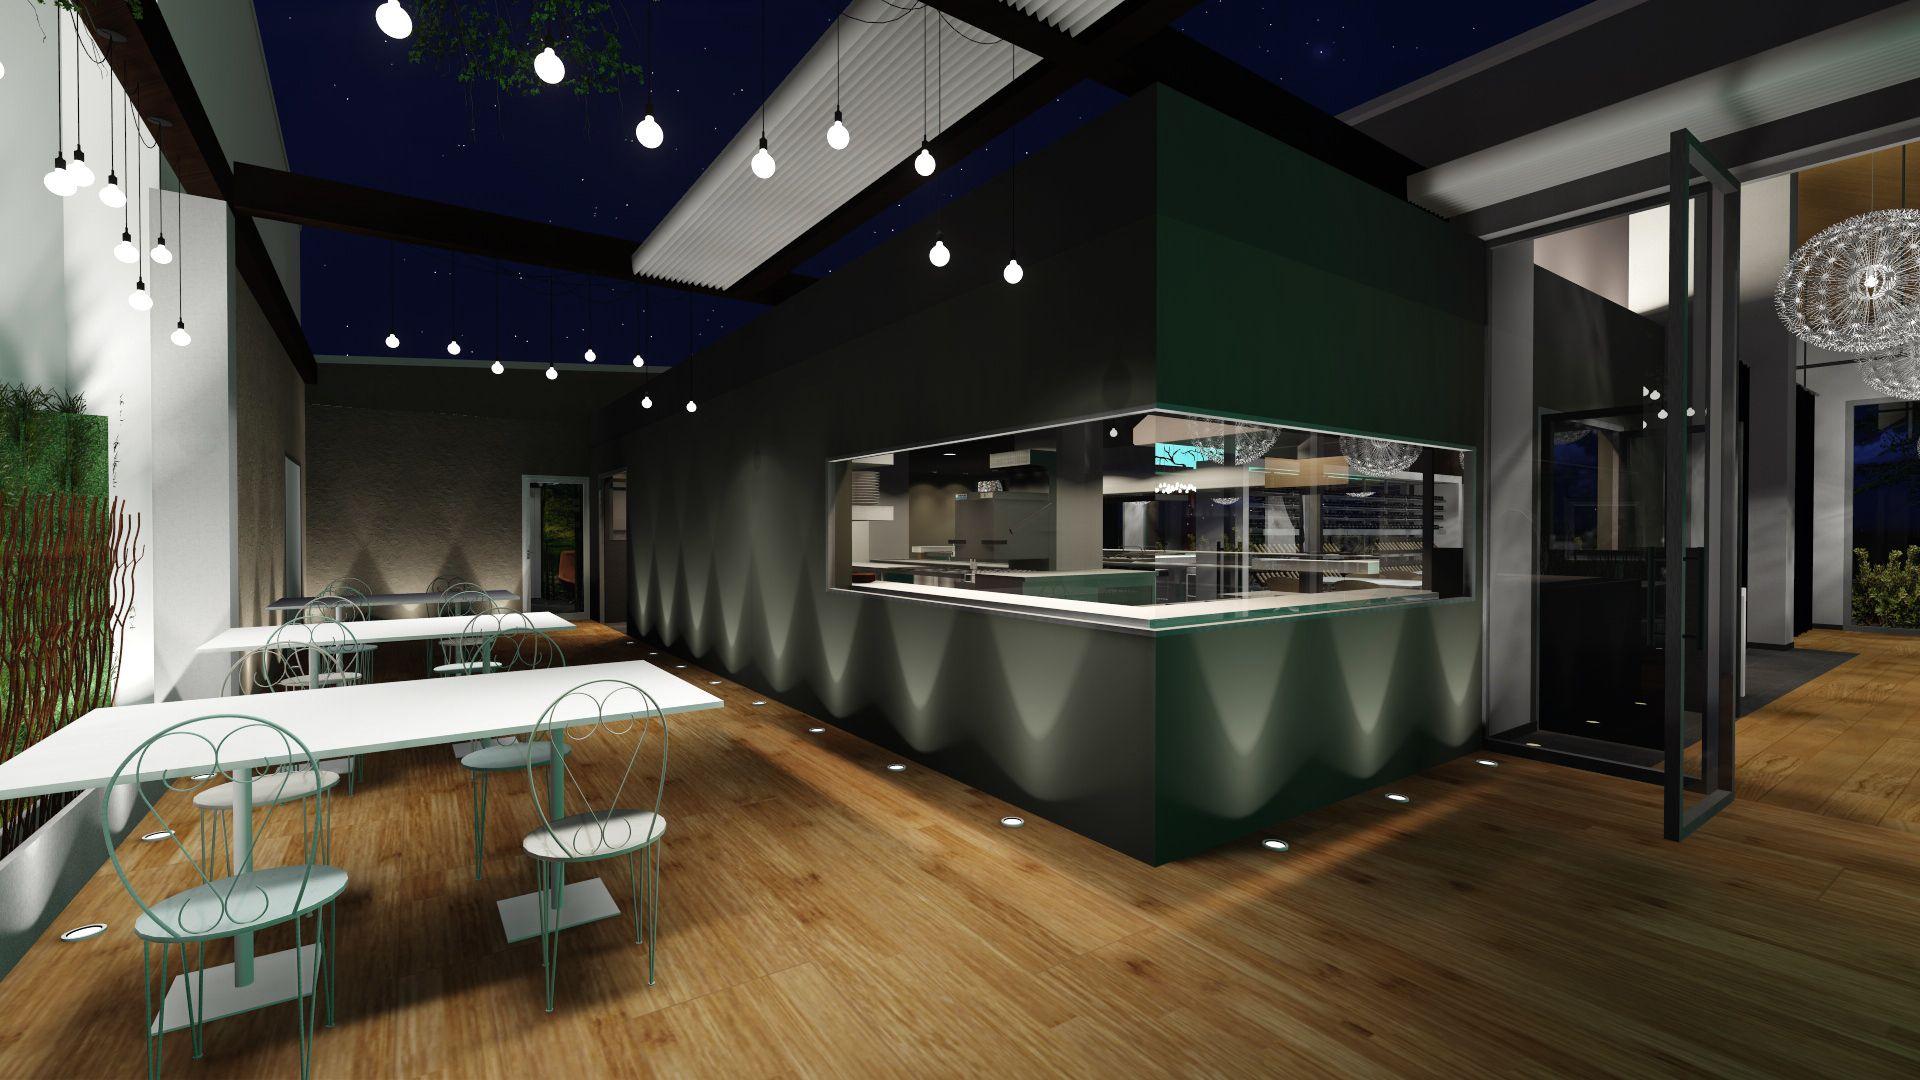 Creación de la identidad visual y el diseño de interiores para un restaurante en Valencia. Diseñado en 2014 por MSE Project